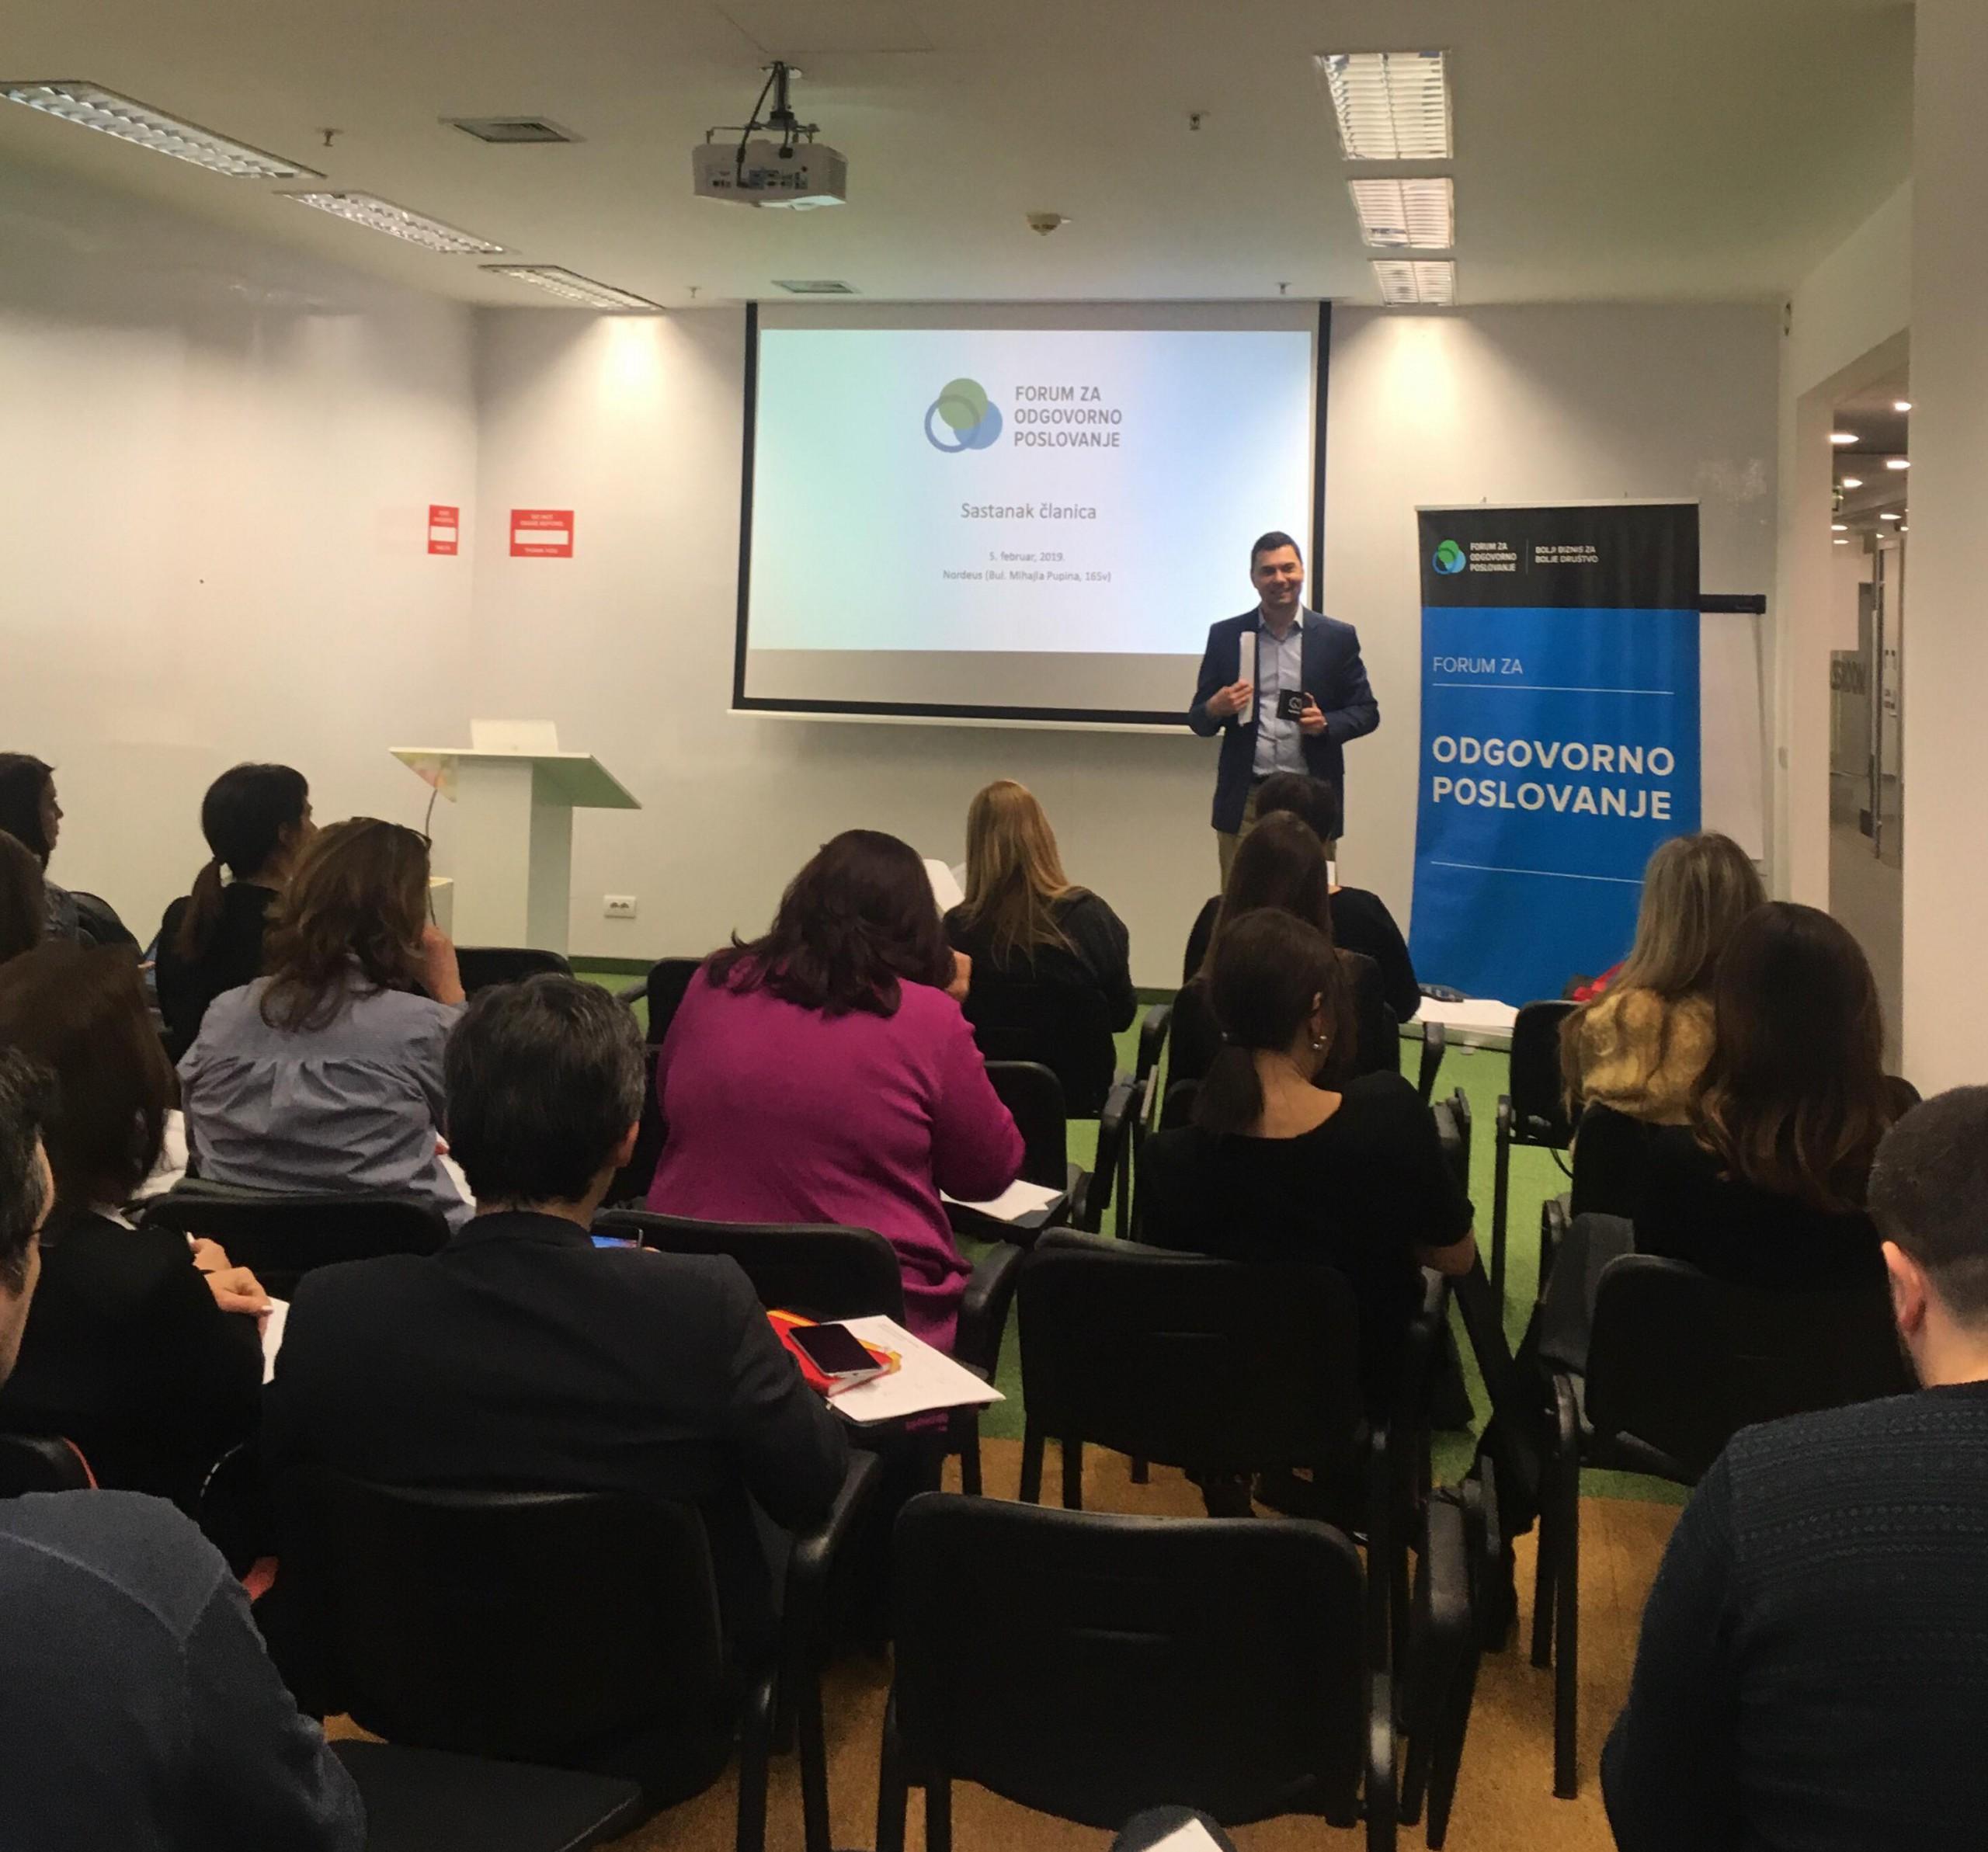 Forum za odgovorno poslovanje spreman da nastavi sa brojnim aktivnostima